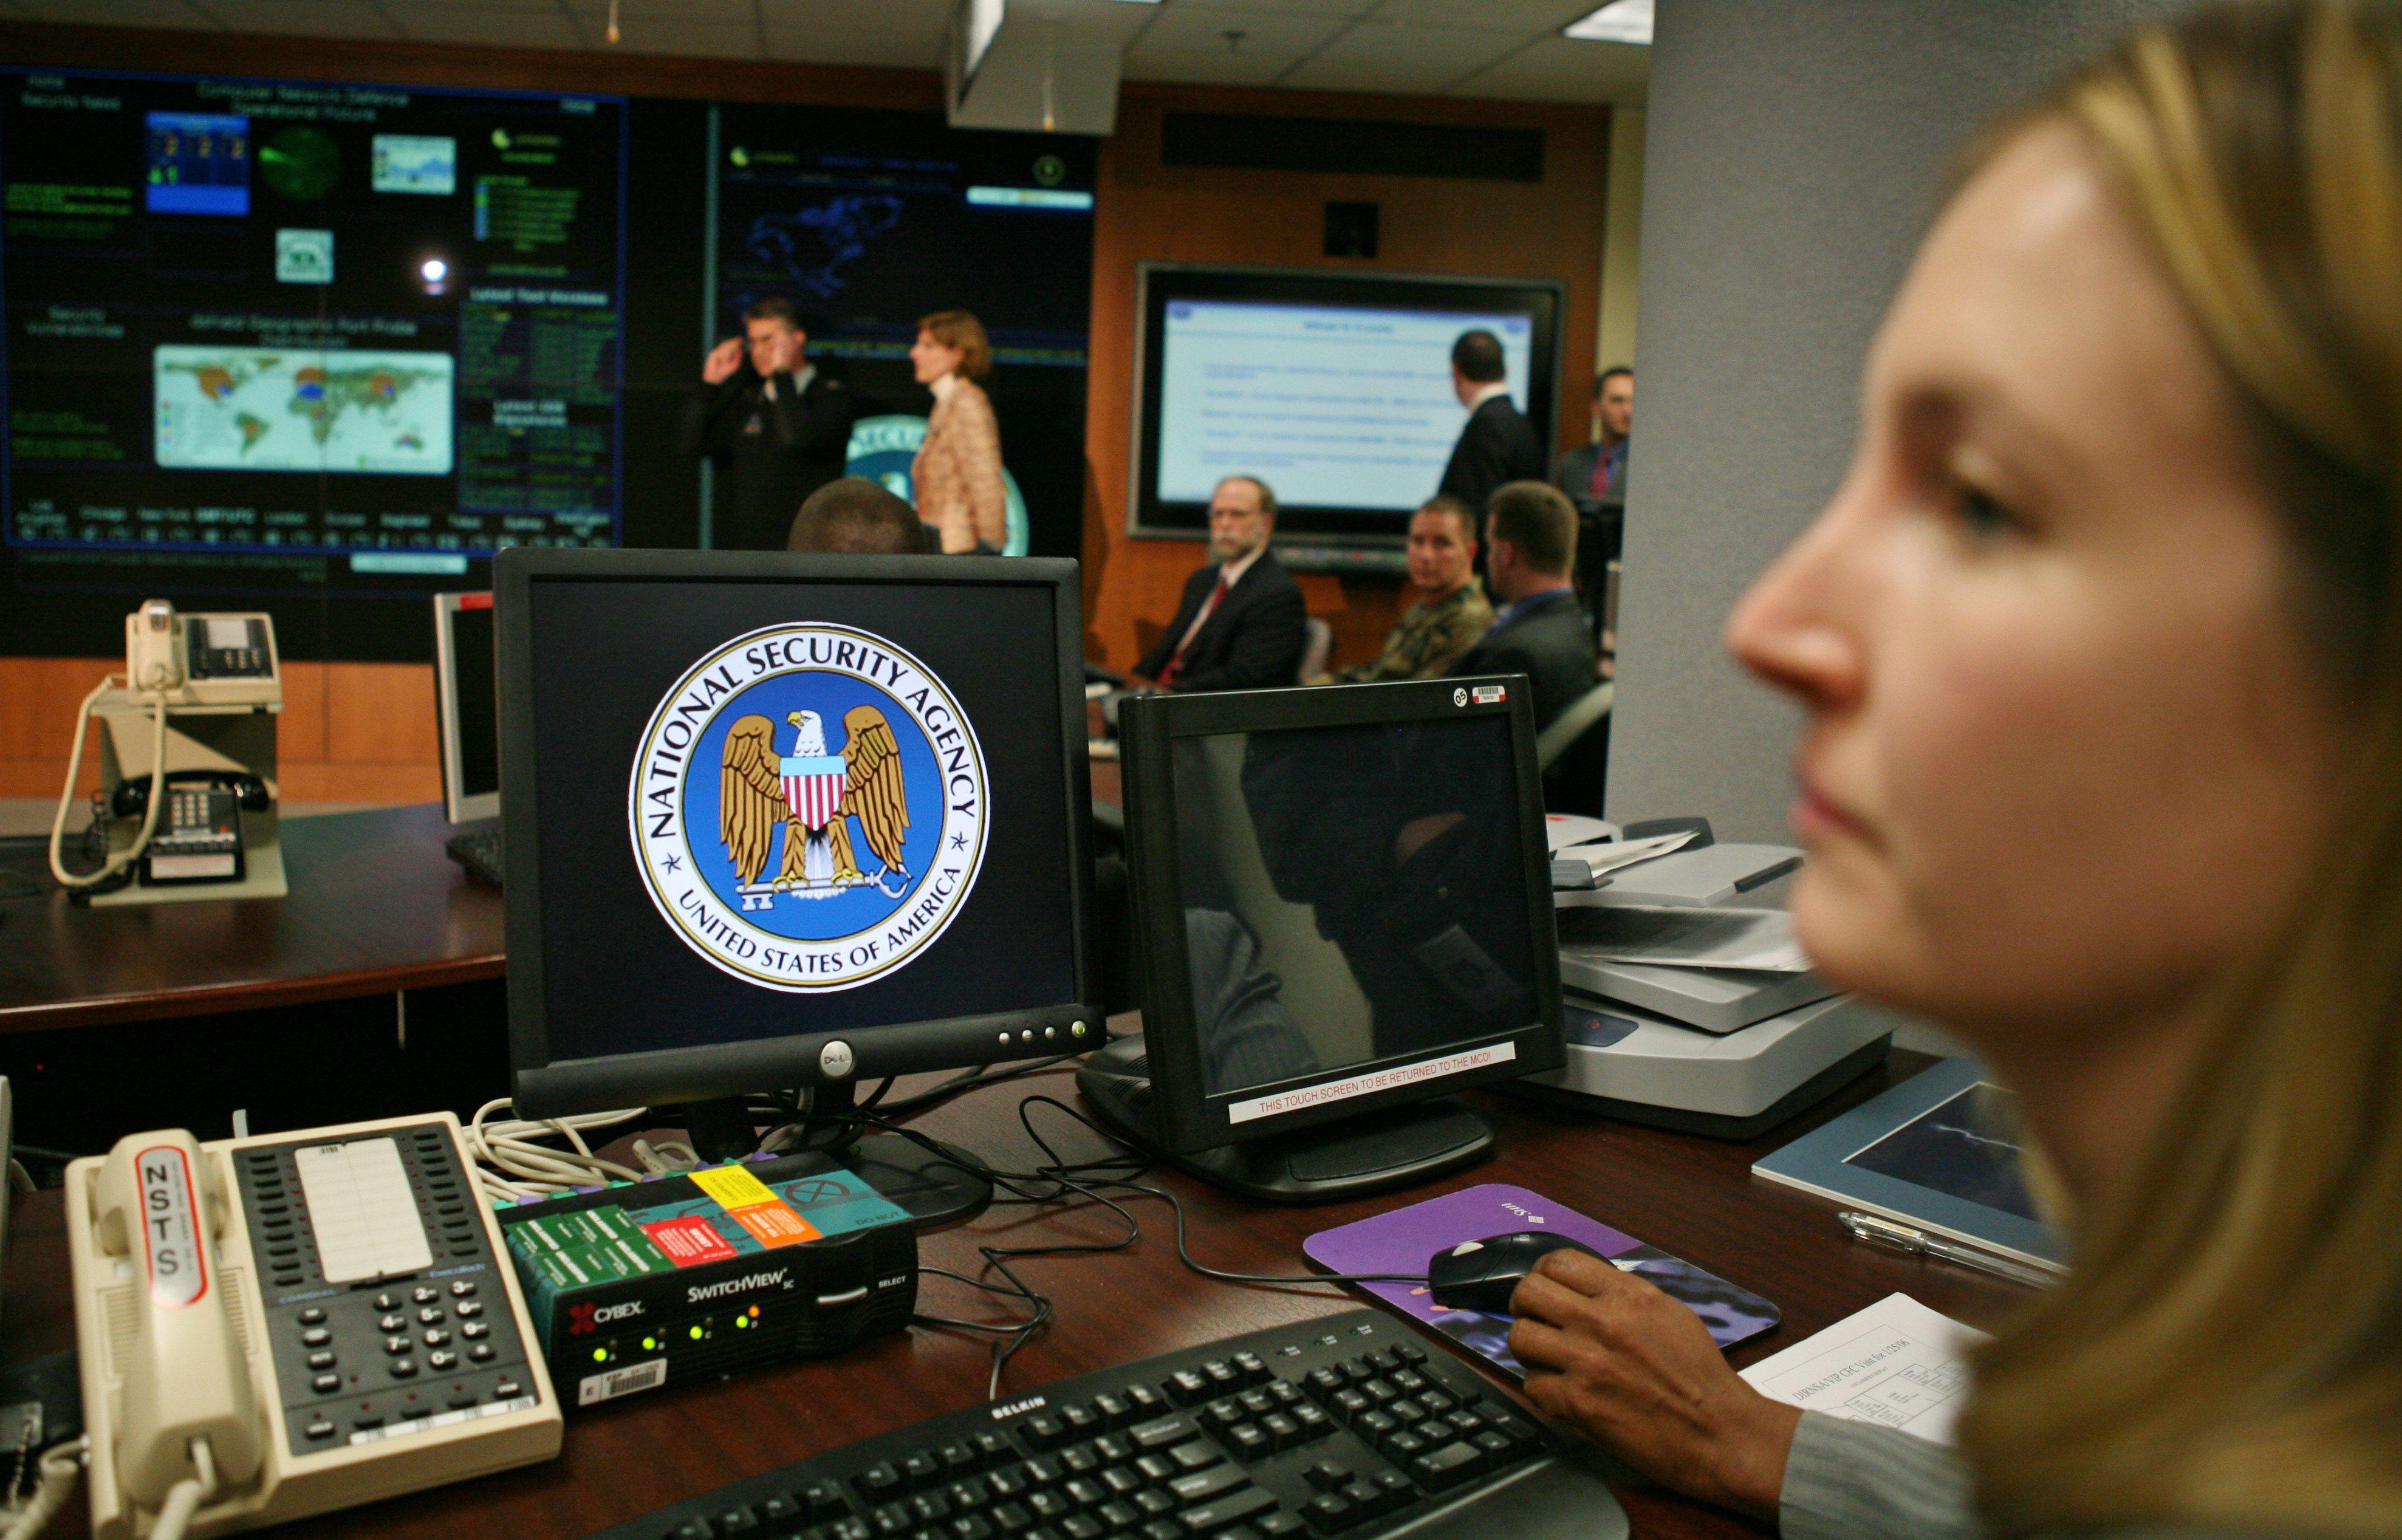 La National Security Agency (NSA), une des principales agences américaines de renseignement, espionne les communications téléphoniques et électroniques des citoyens américains.